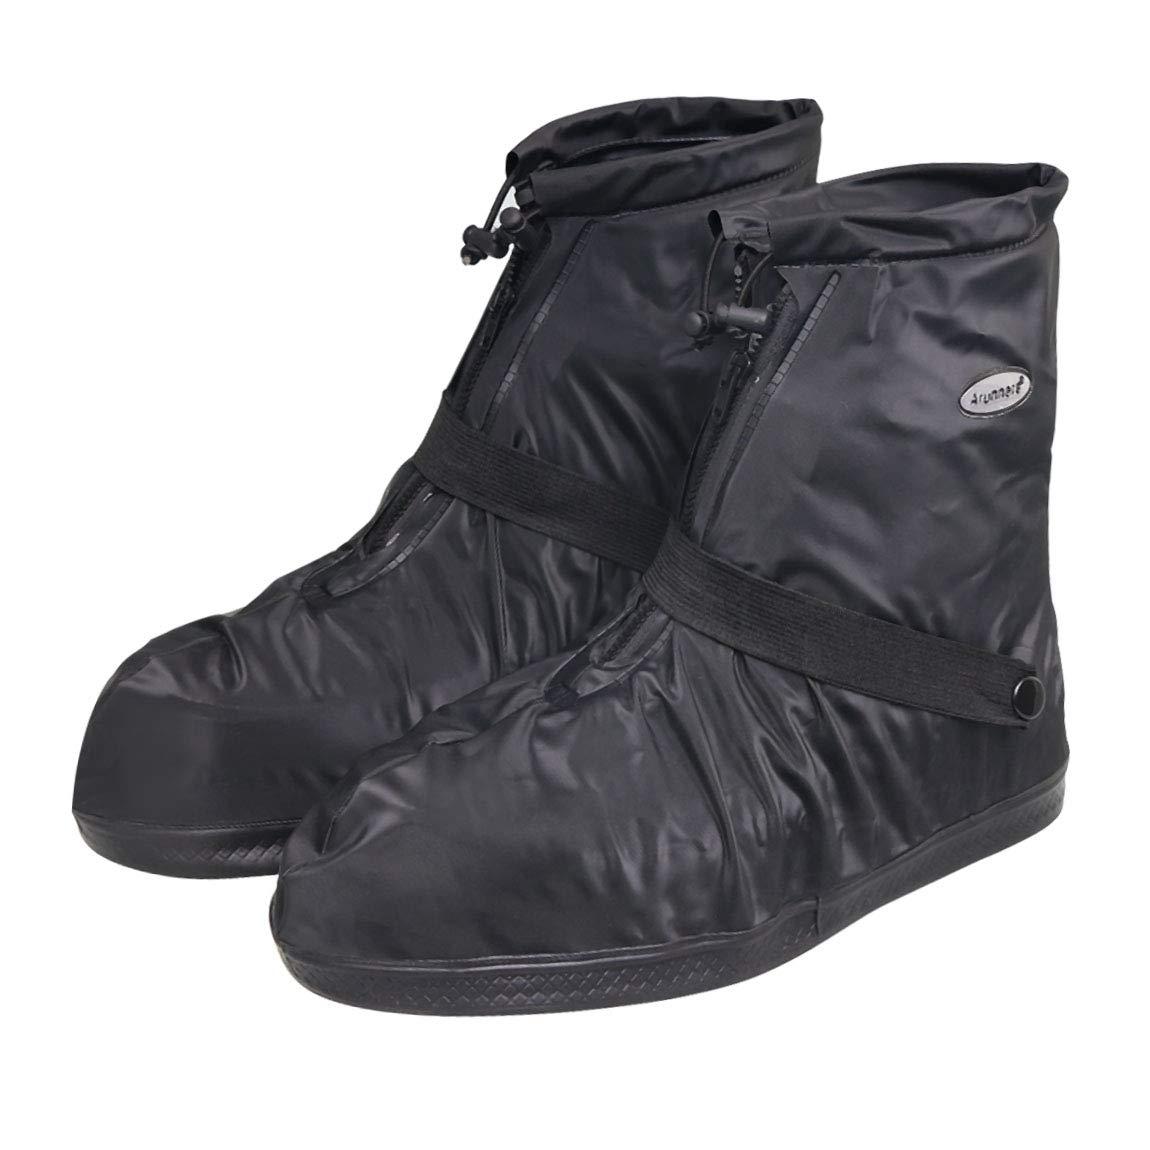 Szat Pro雨ブーツ靴カバー防水再利用可能な折りたたみ式厚み付けソールOvershoesオーバーシューズ。旅行サイクリングキャンプ釣り庭アウトドアレディースメンズ X-Large ブラック X-Large ブラック B074M7N7QN